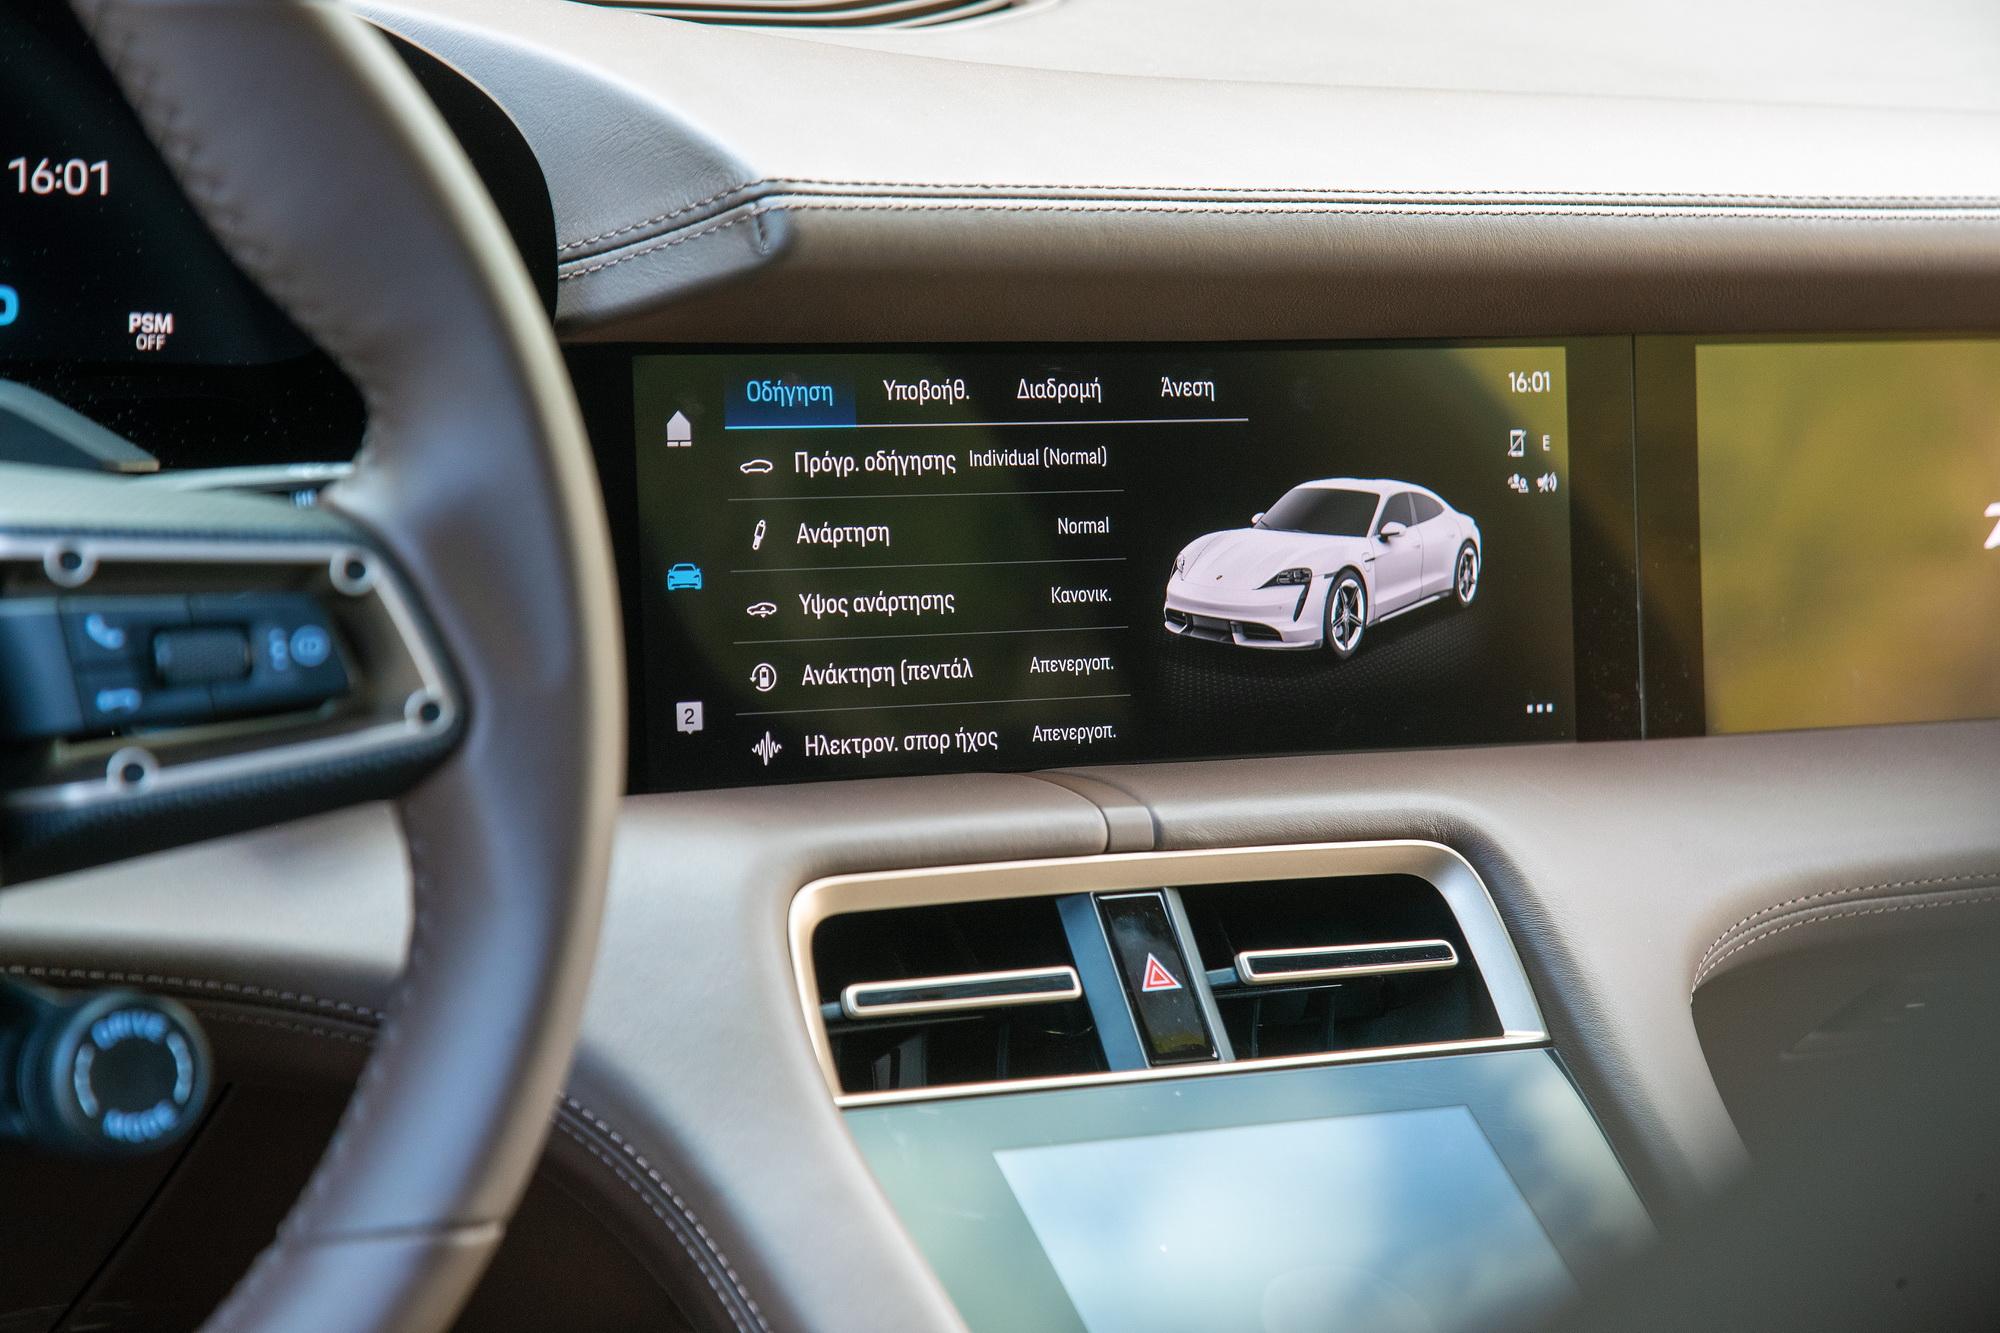 Η Porsche λέει ότι τα αυτοκίνητα δεν θα καταντήσουν σαν τα smartphones!